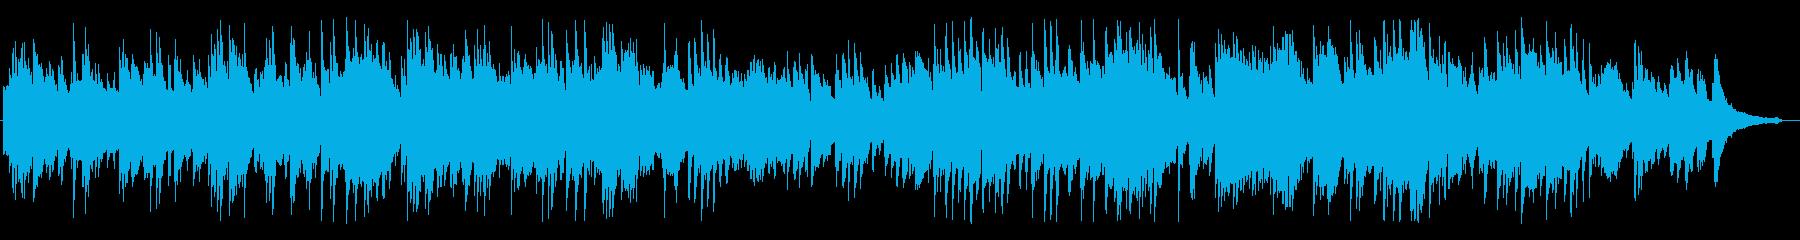 優しく爽やかな風のようなピアノBGMの再生済みの波形